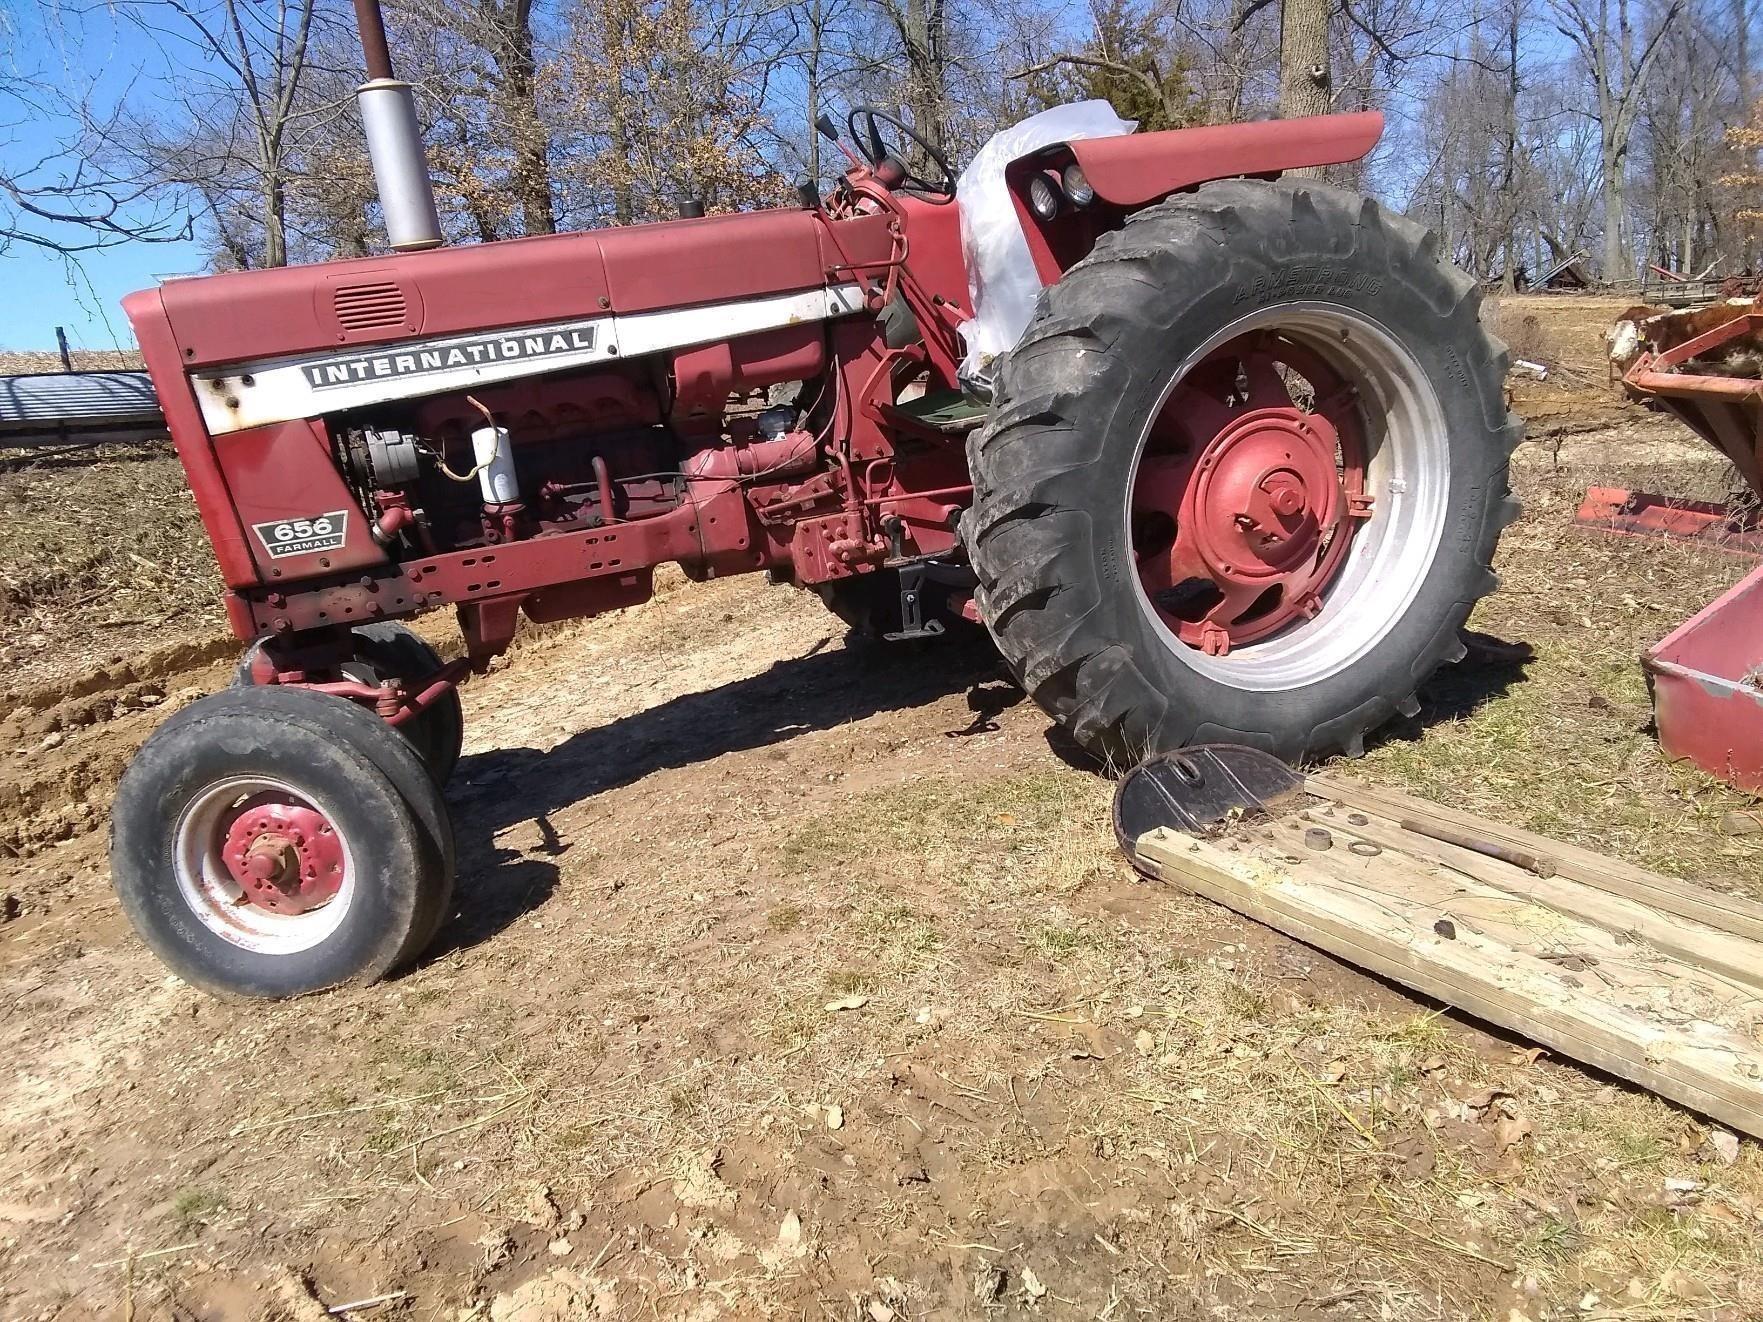 1967 International Harvester 656 Tractor